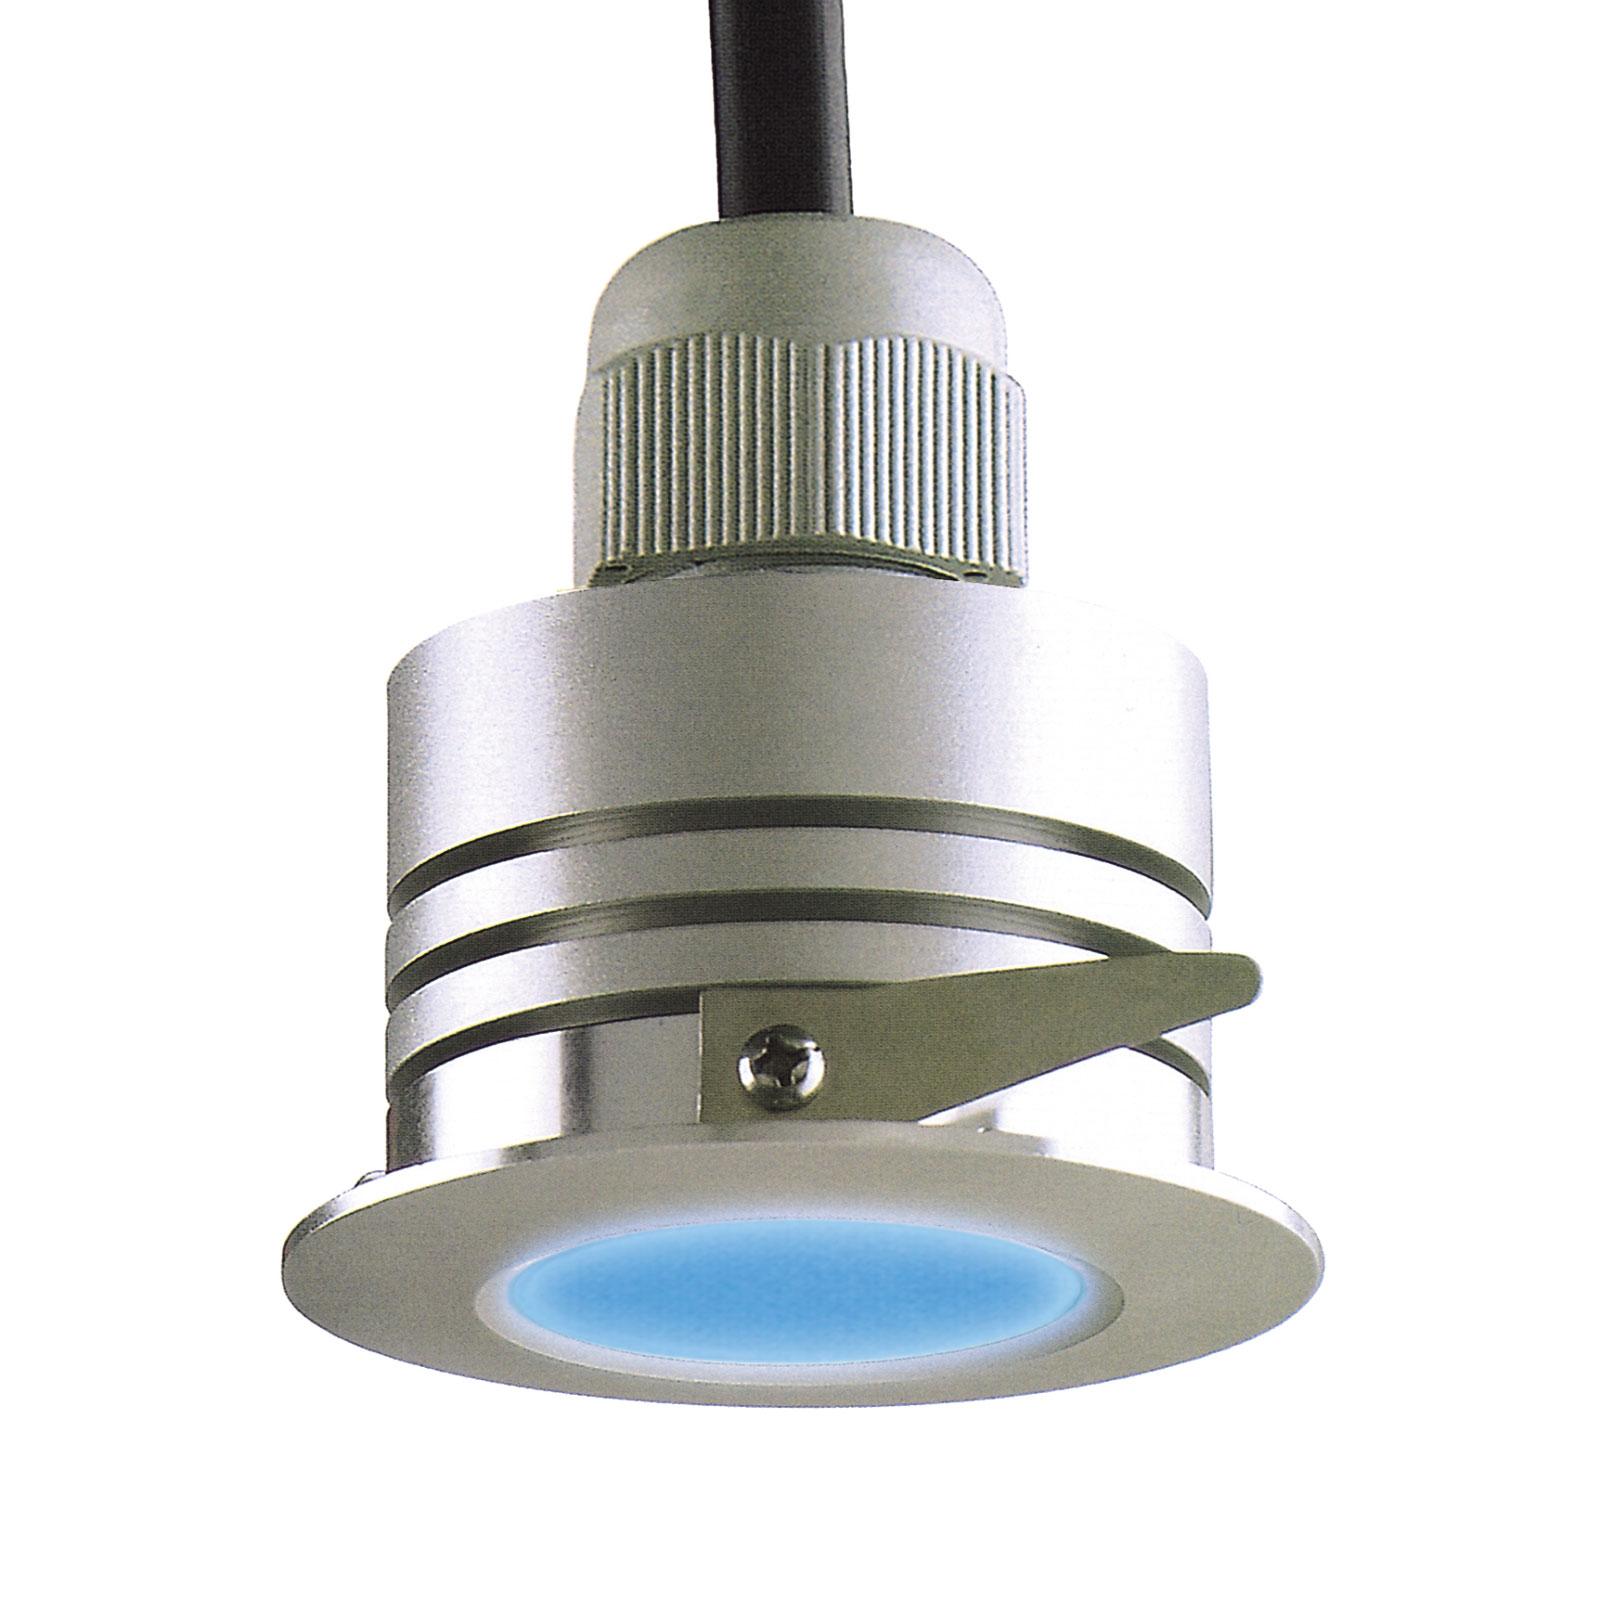 Reflektor wpuszczany LED Prato ze zmianą kolorów